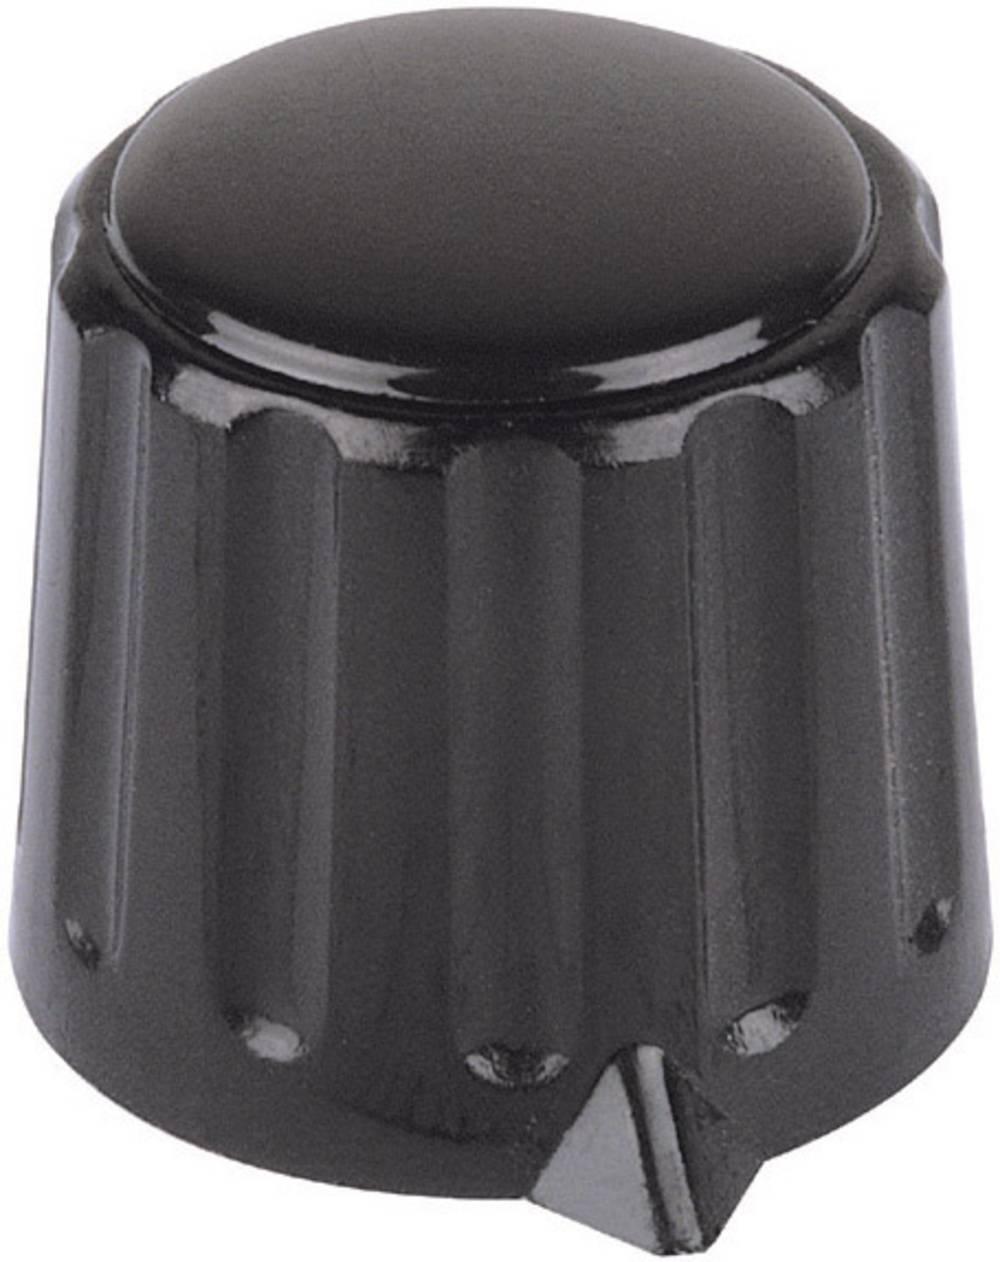 Mentor Plastični vrtljivi gumb(stezne pincete) crna promjerosi 6mm 4309.6131